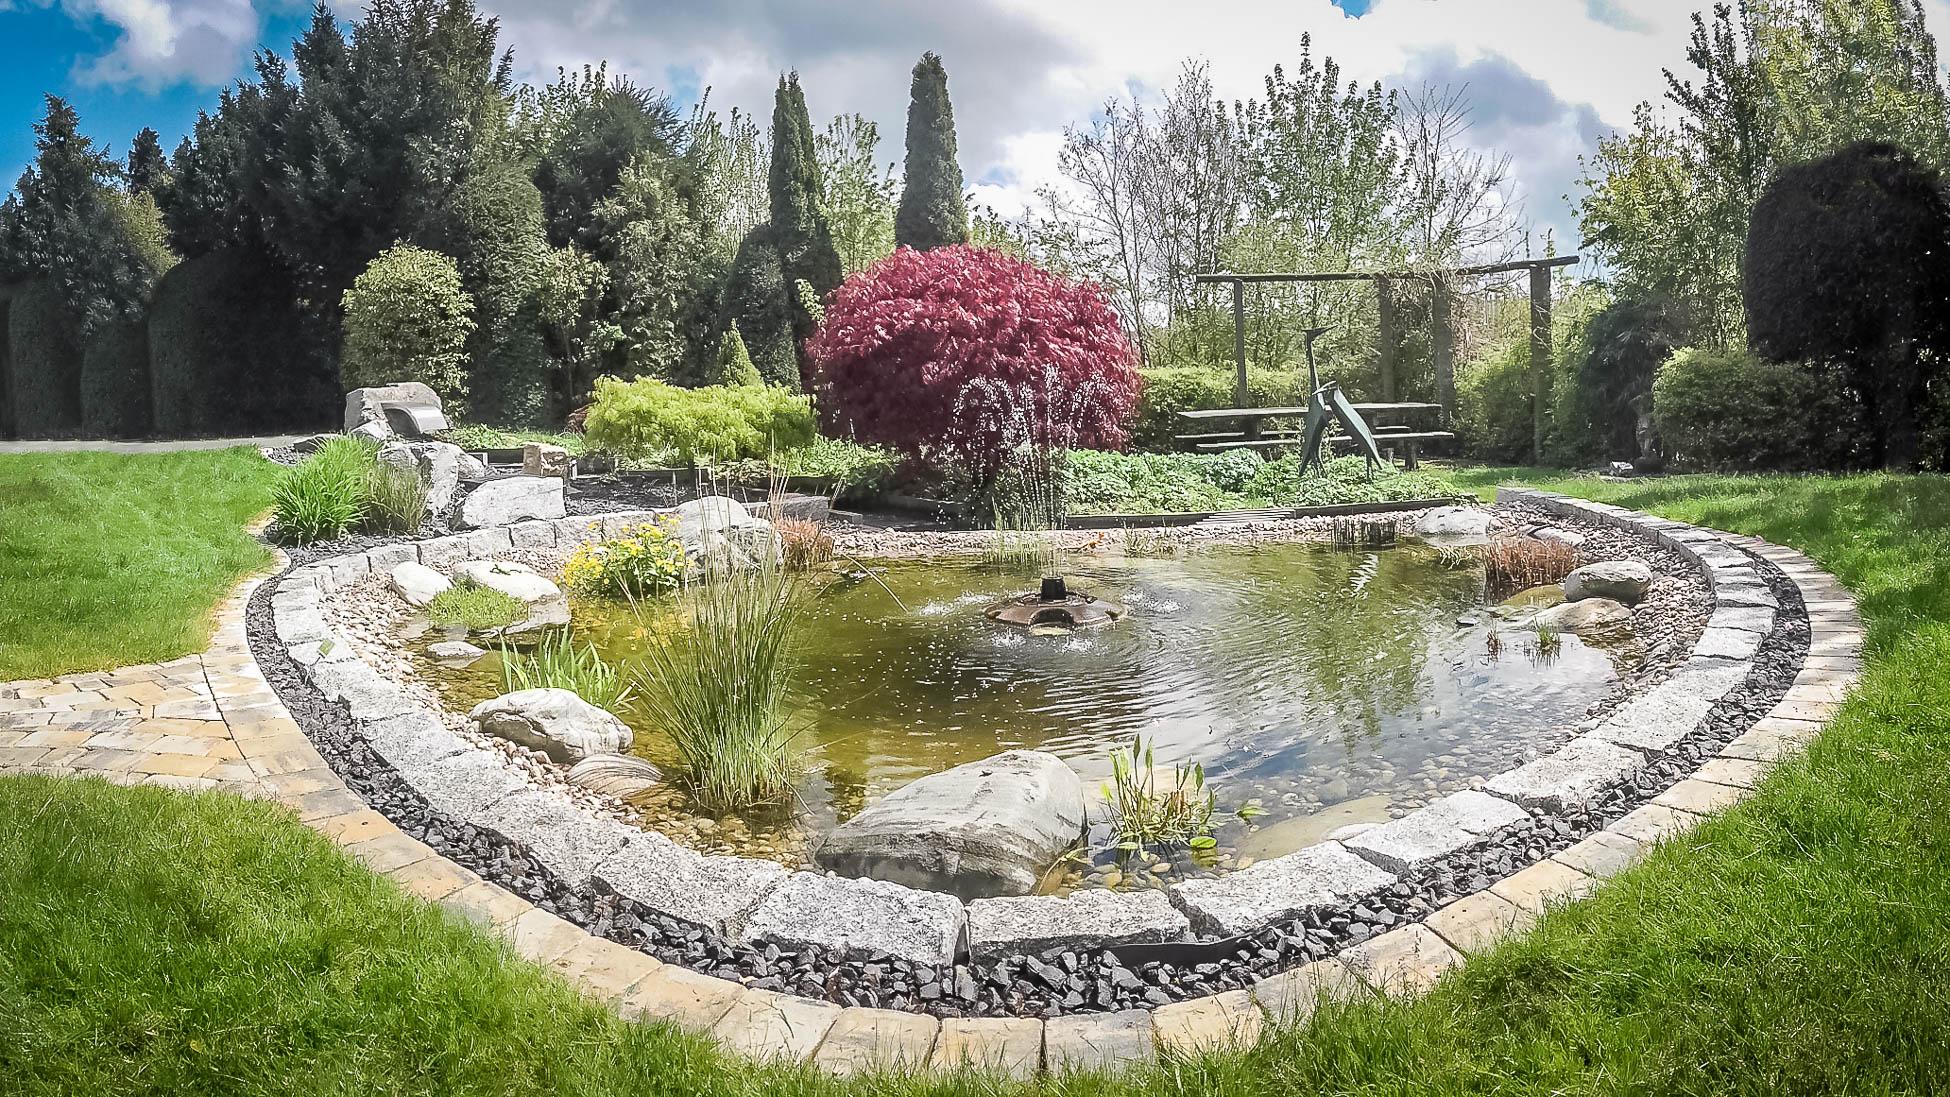 Gartenanlagen Bilder gartenanlagen ihr garten ihr natürlicher wohn t raum